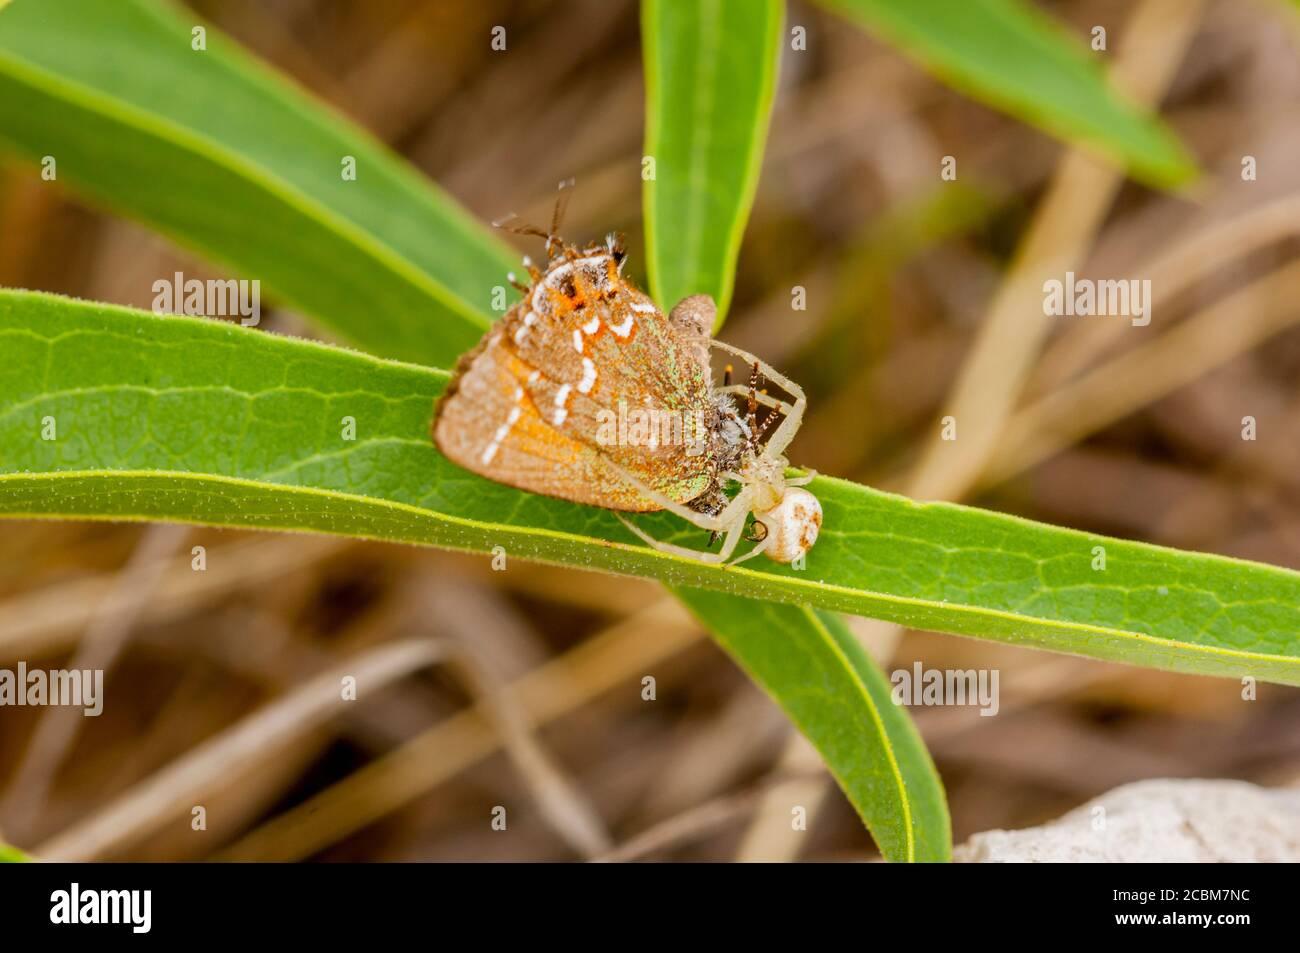 Una araña de cangrejo atrapó una mariposa de enebro de oliva hairstreak en el Hill Country de Texas cerca de Hunt, Estados Unidos. Foto de stock